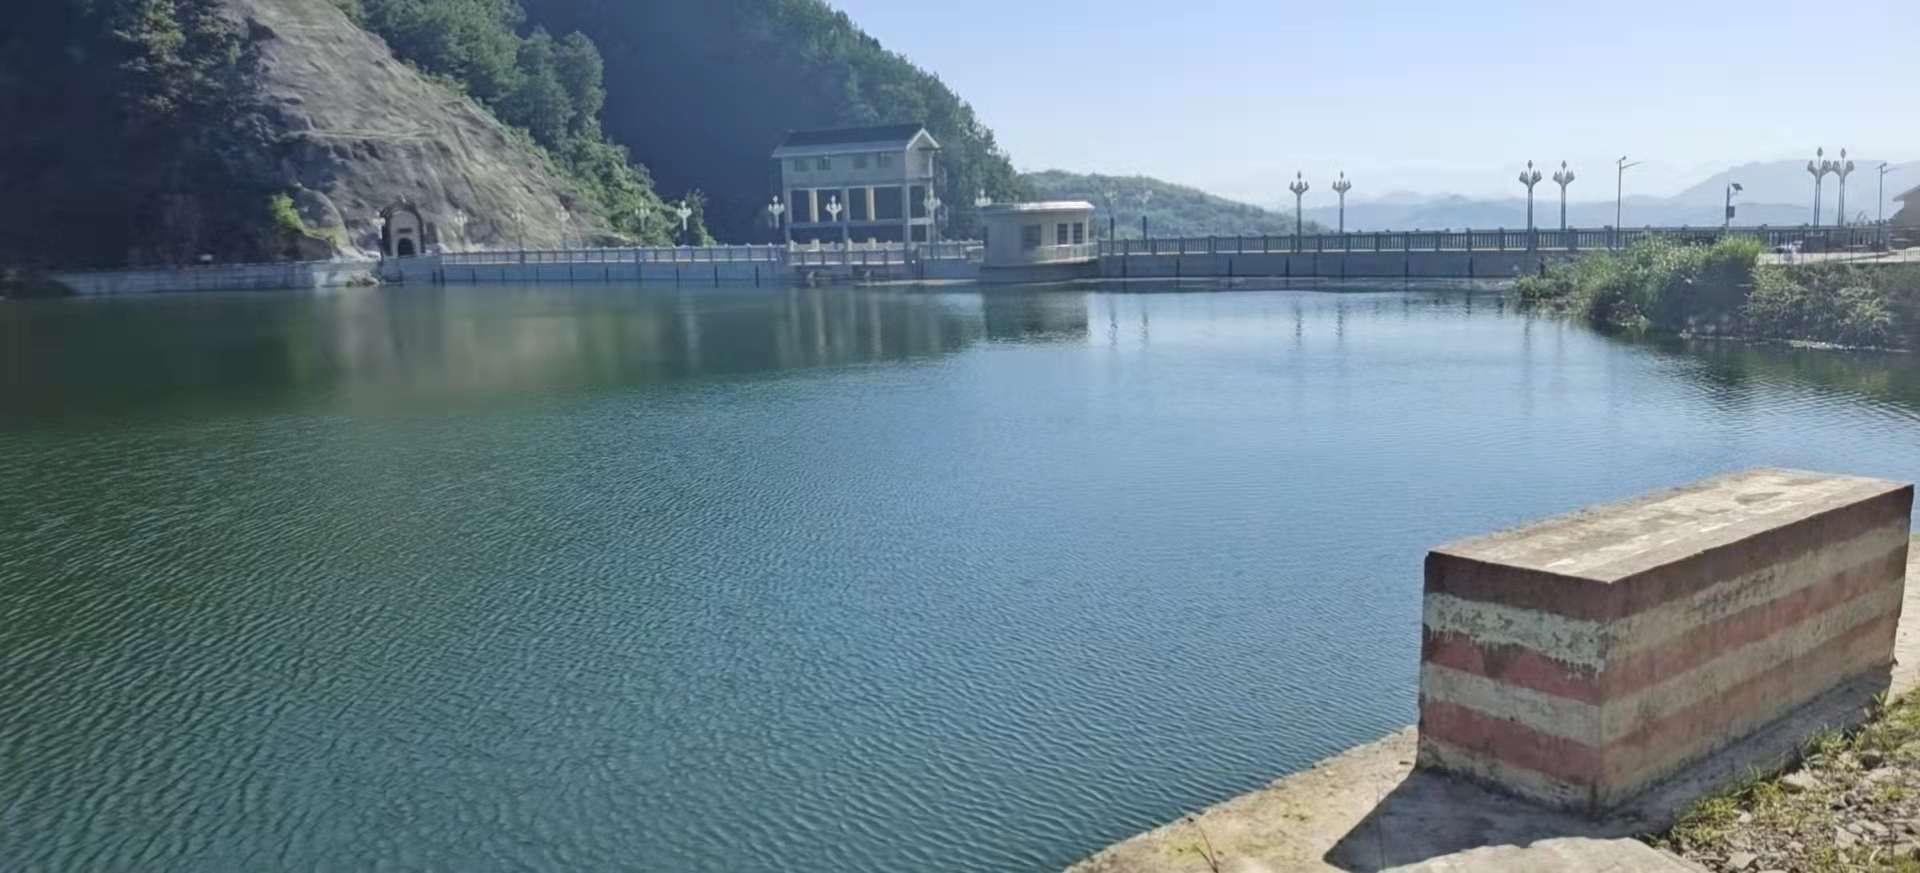 几场大雨过去,左柏水库蓄满水了